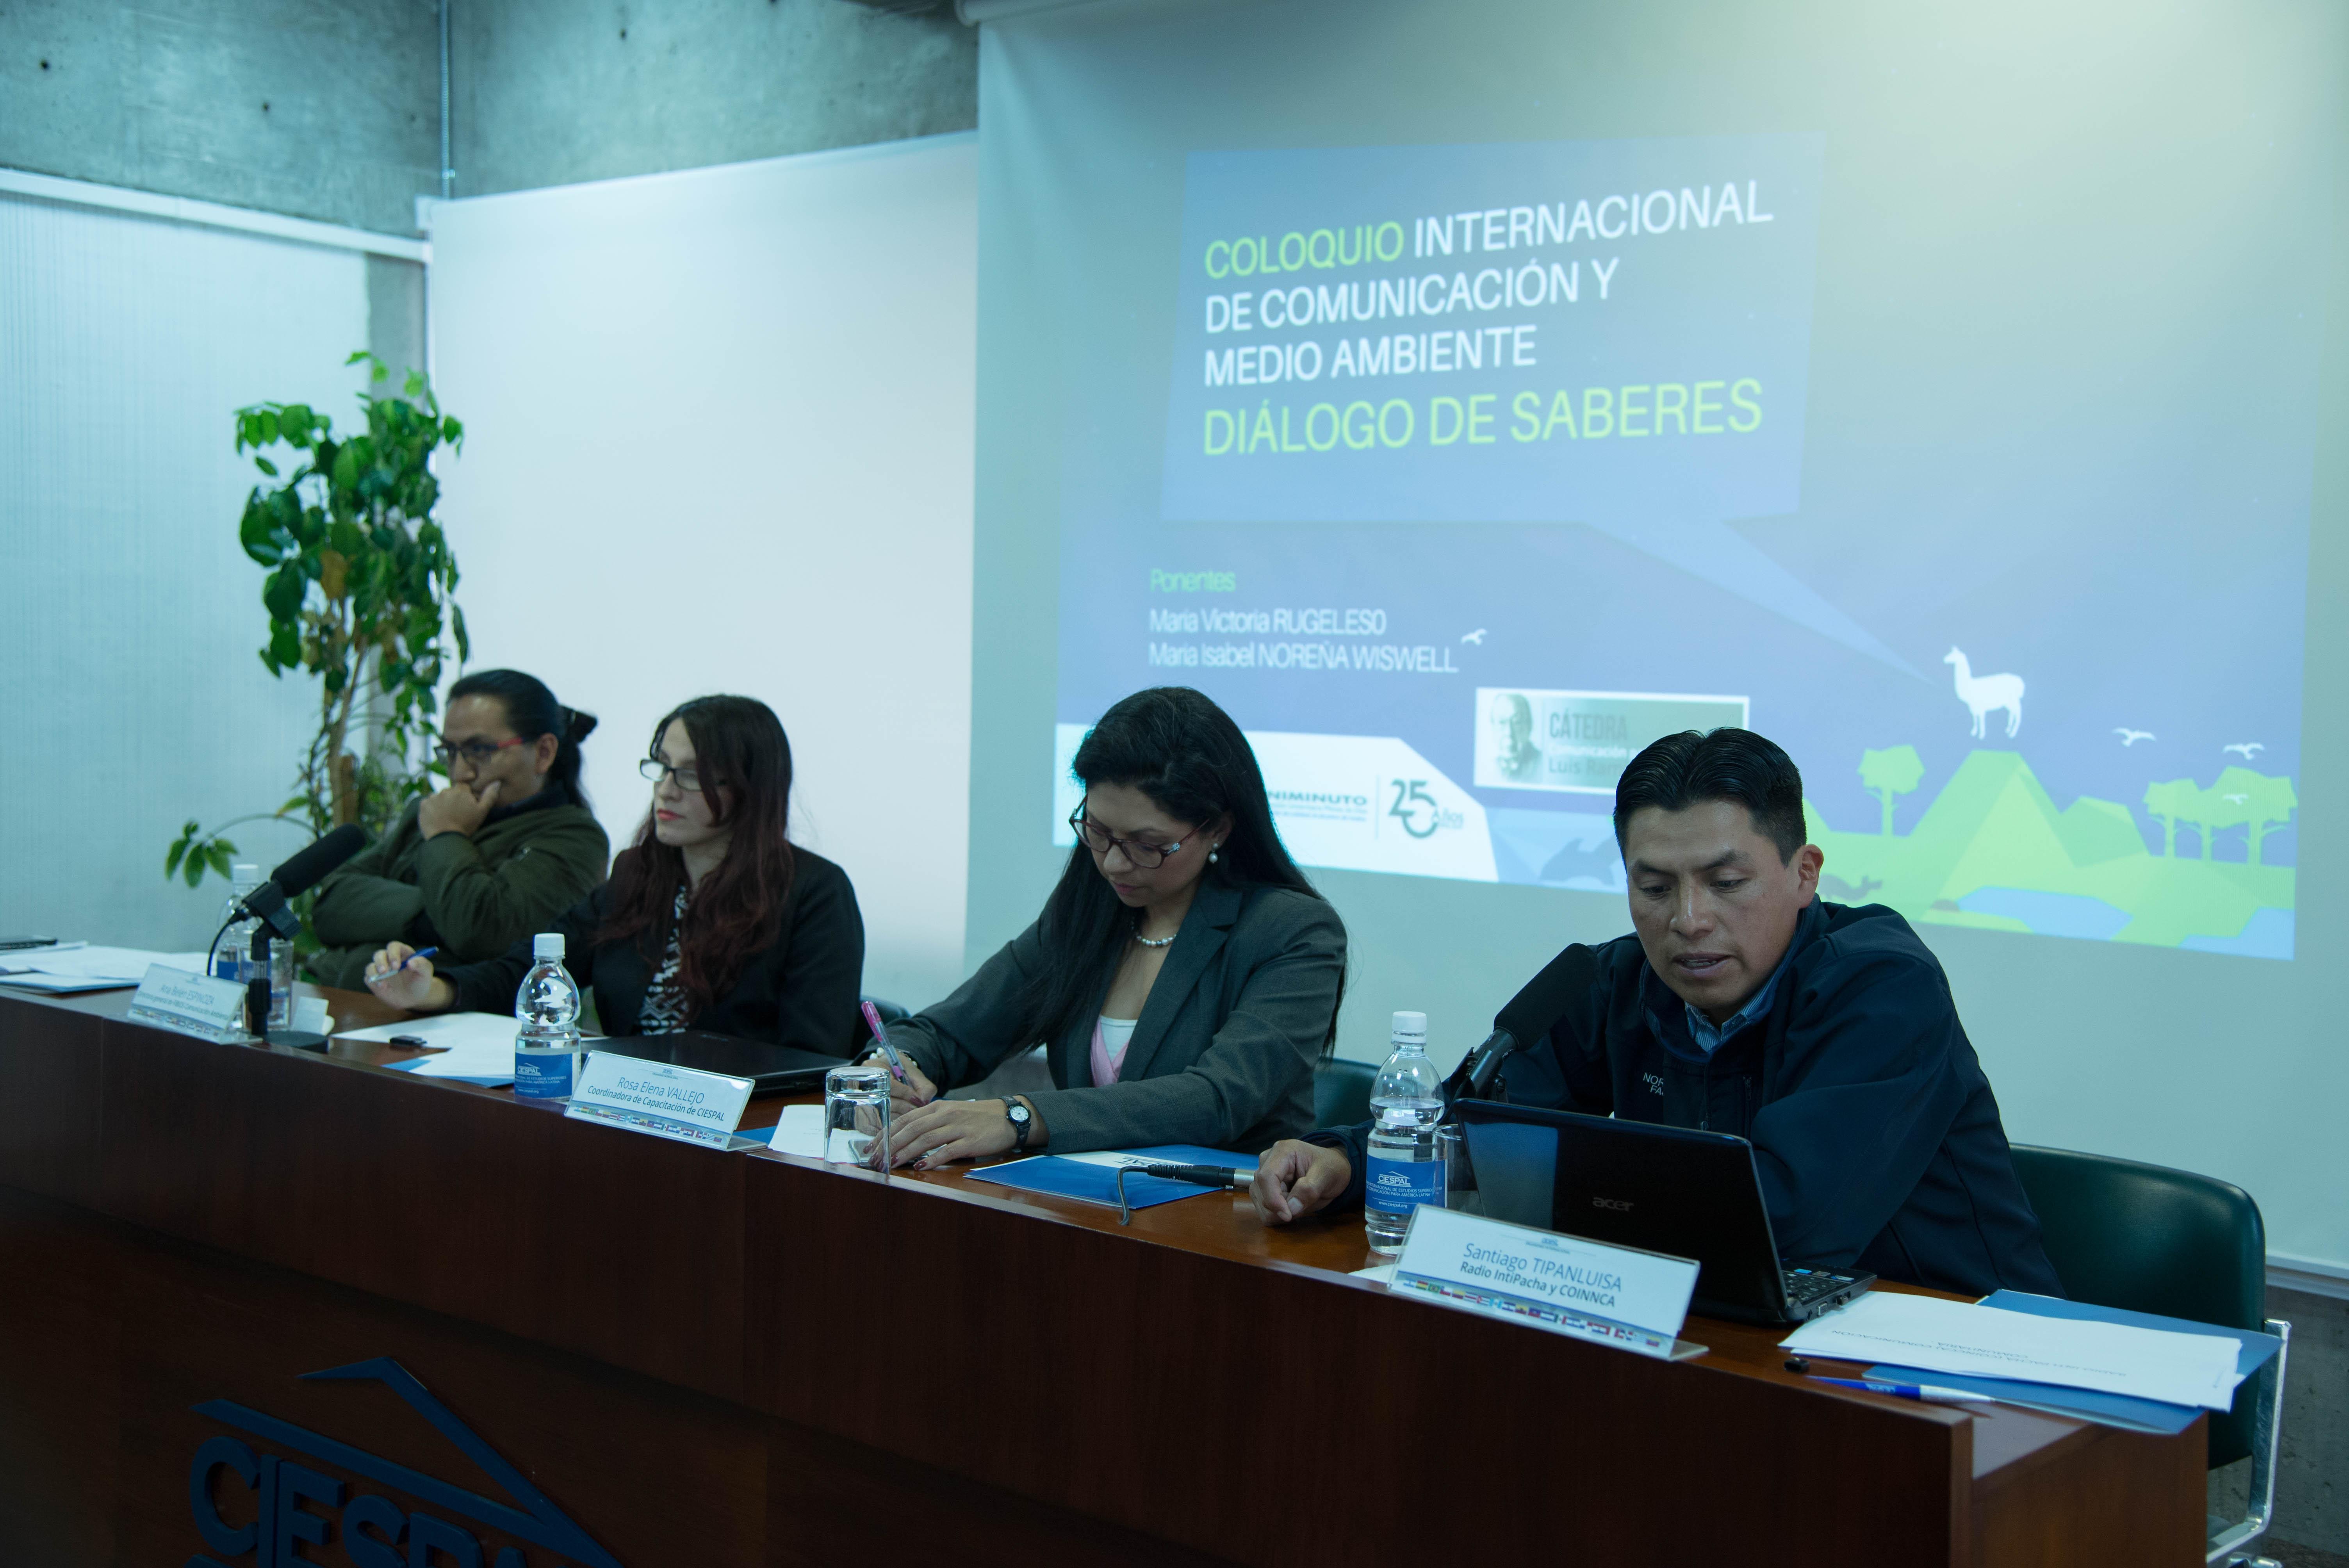 Comunicación y Medio Ambiente: uno de los retos de esta nueva generación